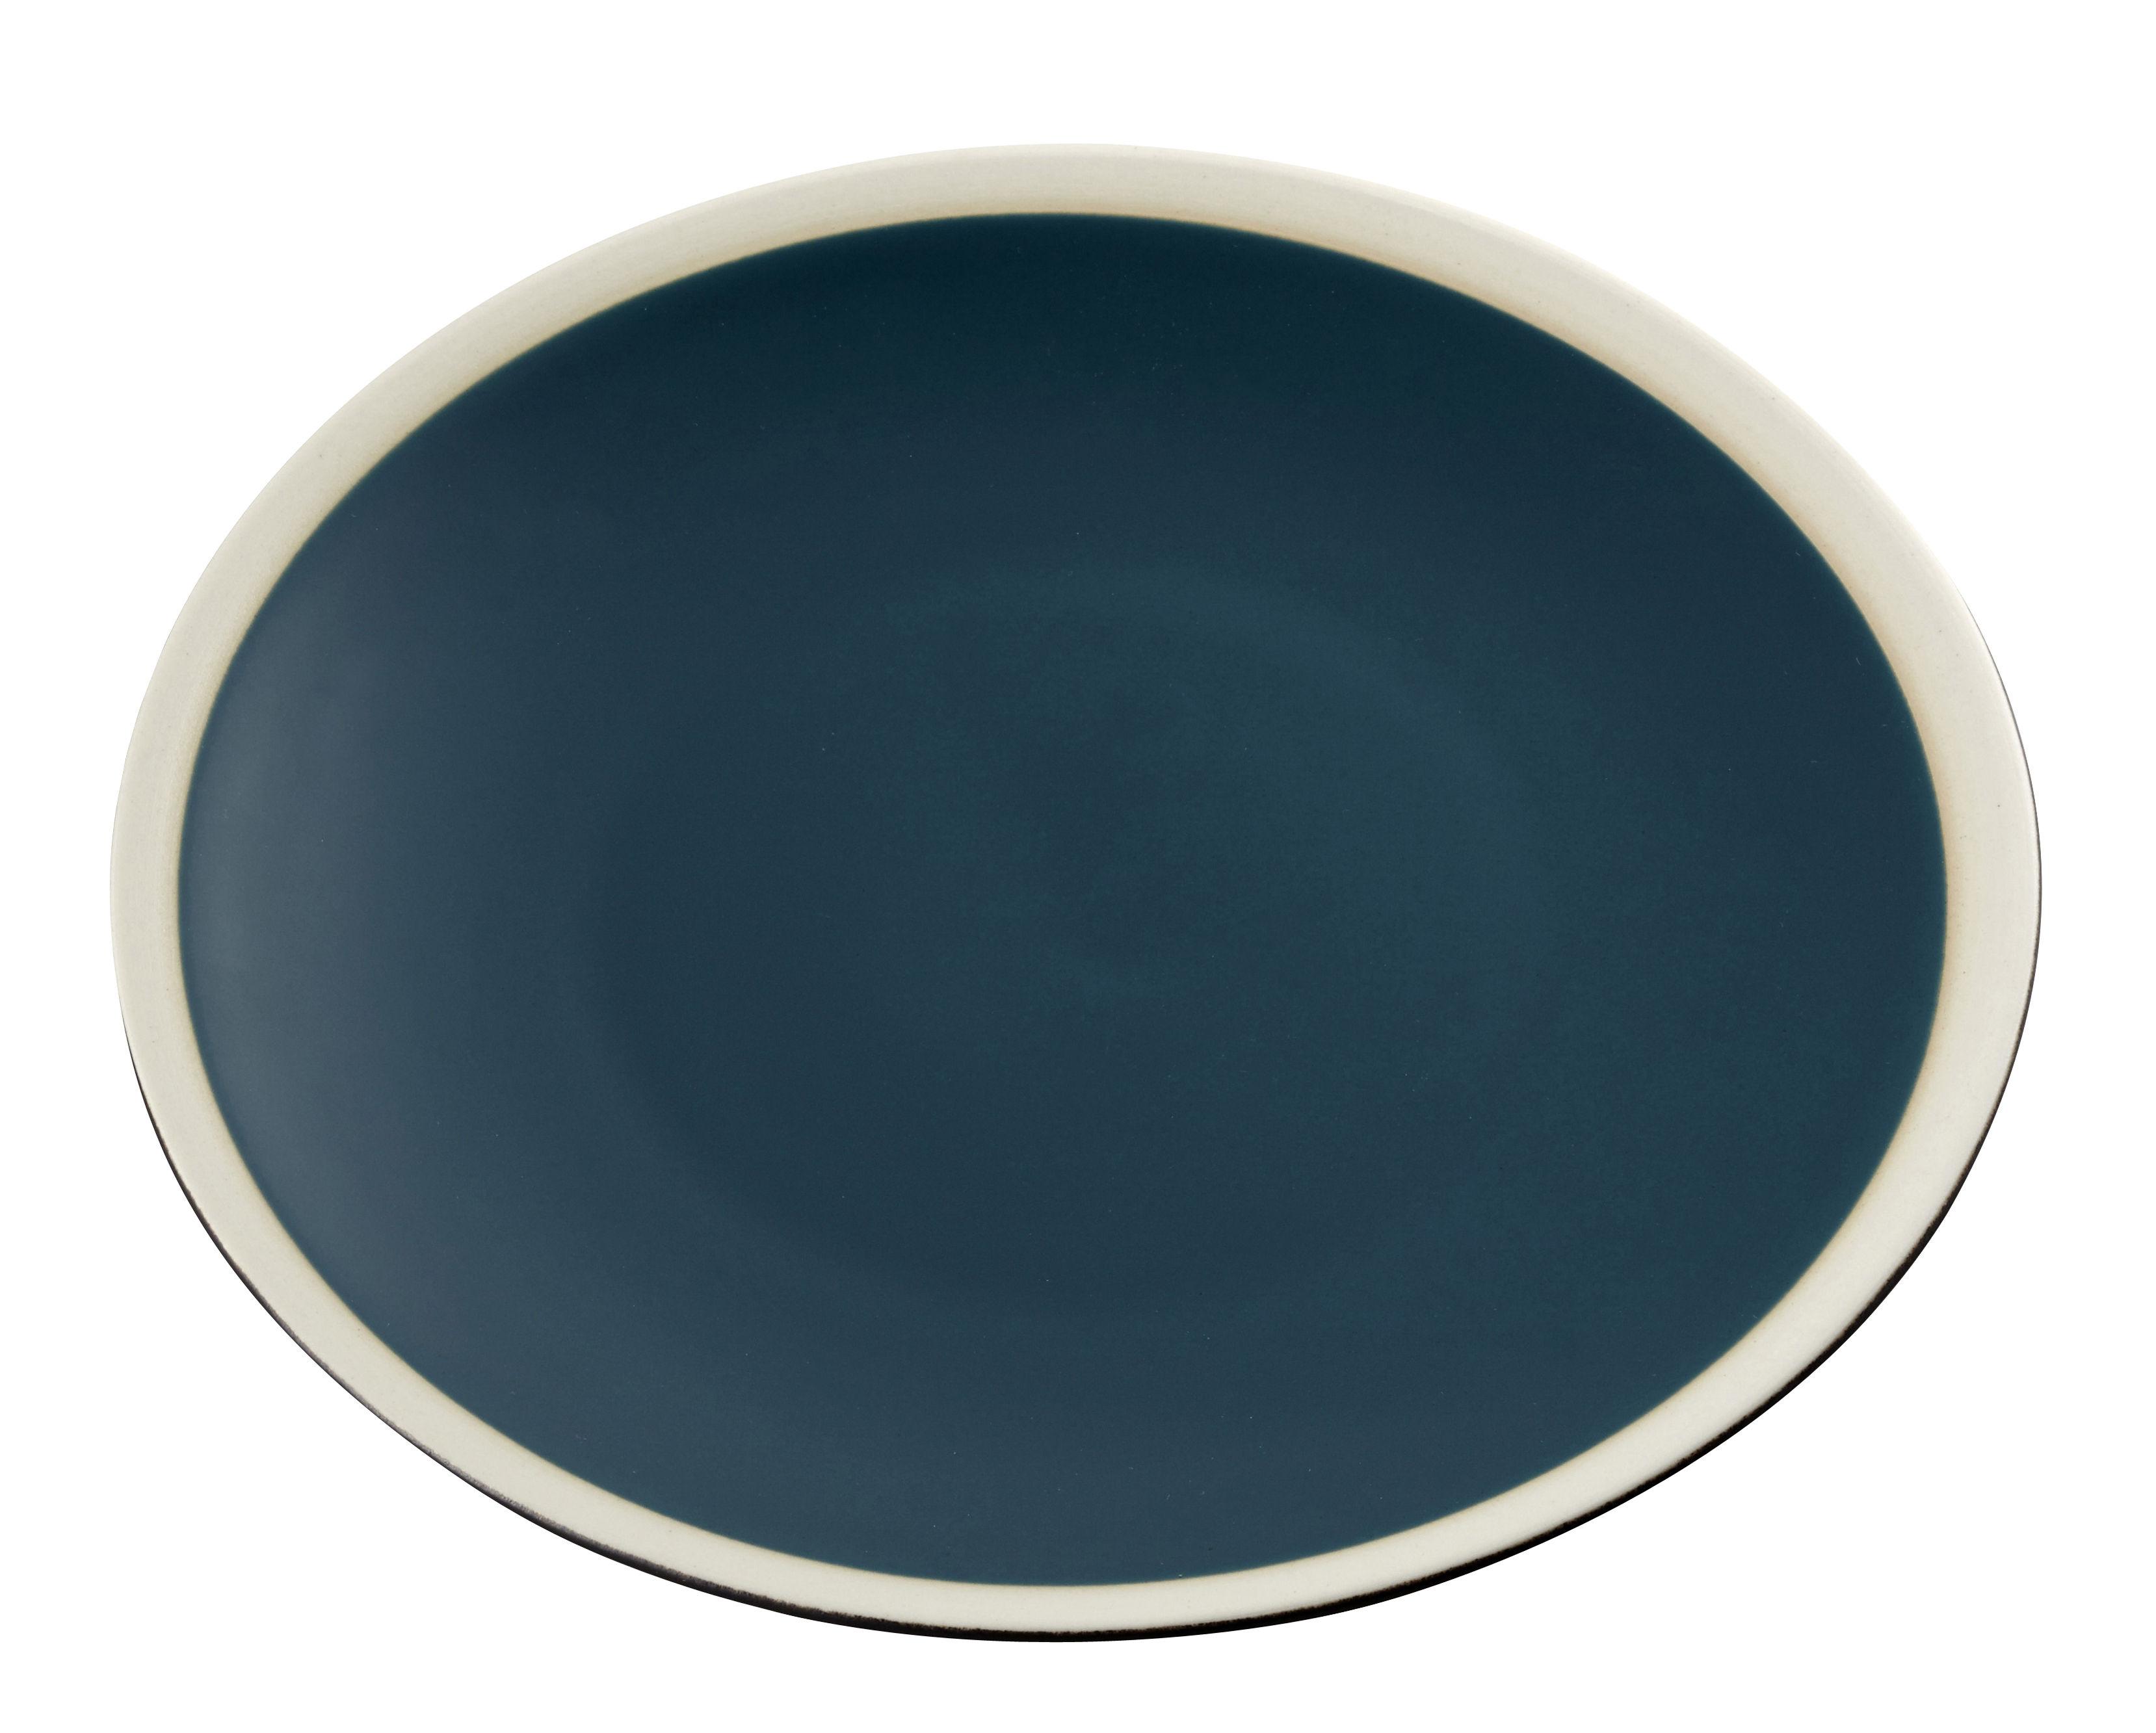 Arts de la table - Assiettes - Assiette Sicilia / Ø 26 cm - Maison Sarah Lavoine - Bleu Sarah - Grès peint et émaillé